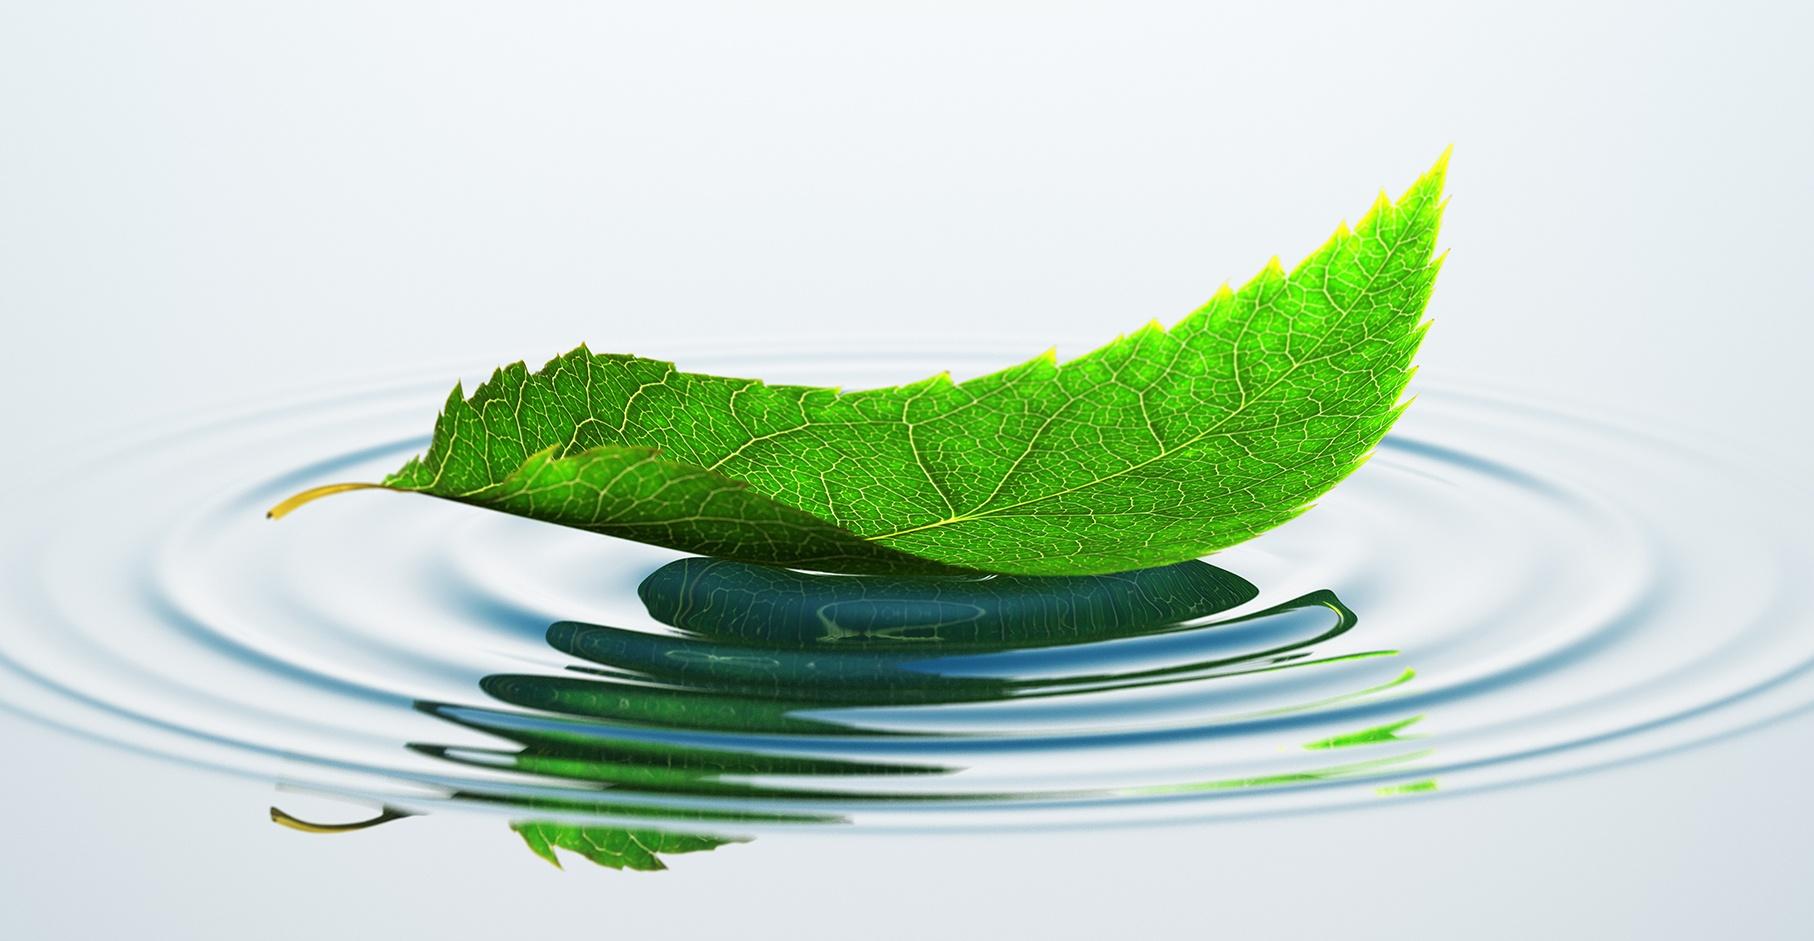 Technologia kondensacyjna - kotły o sprawności przekraczającej 100%